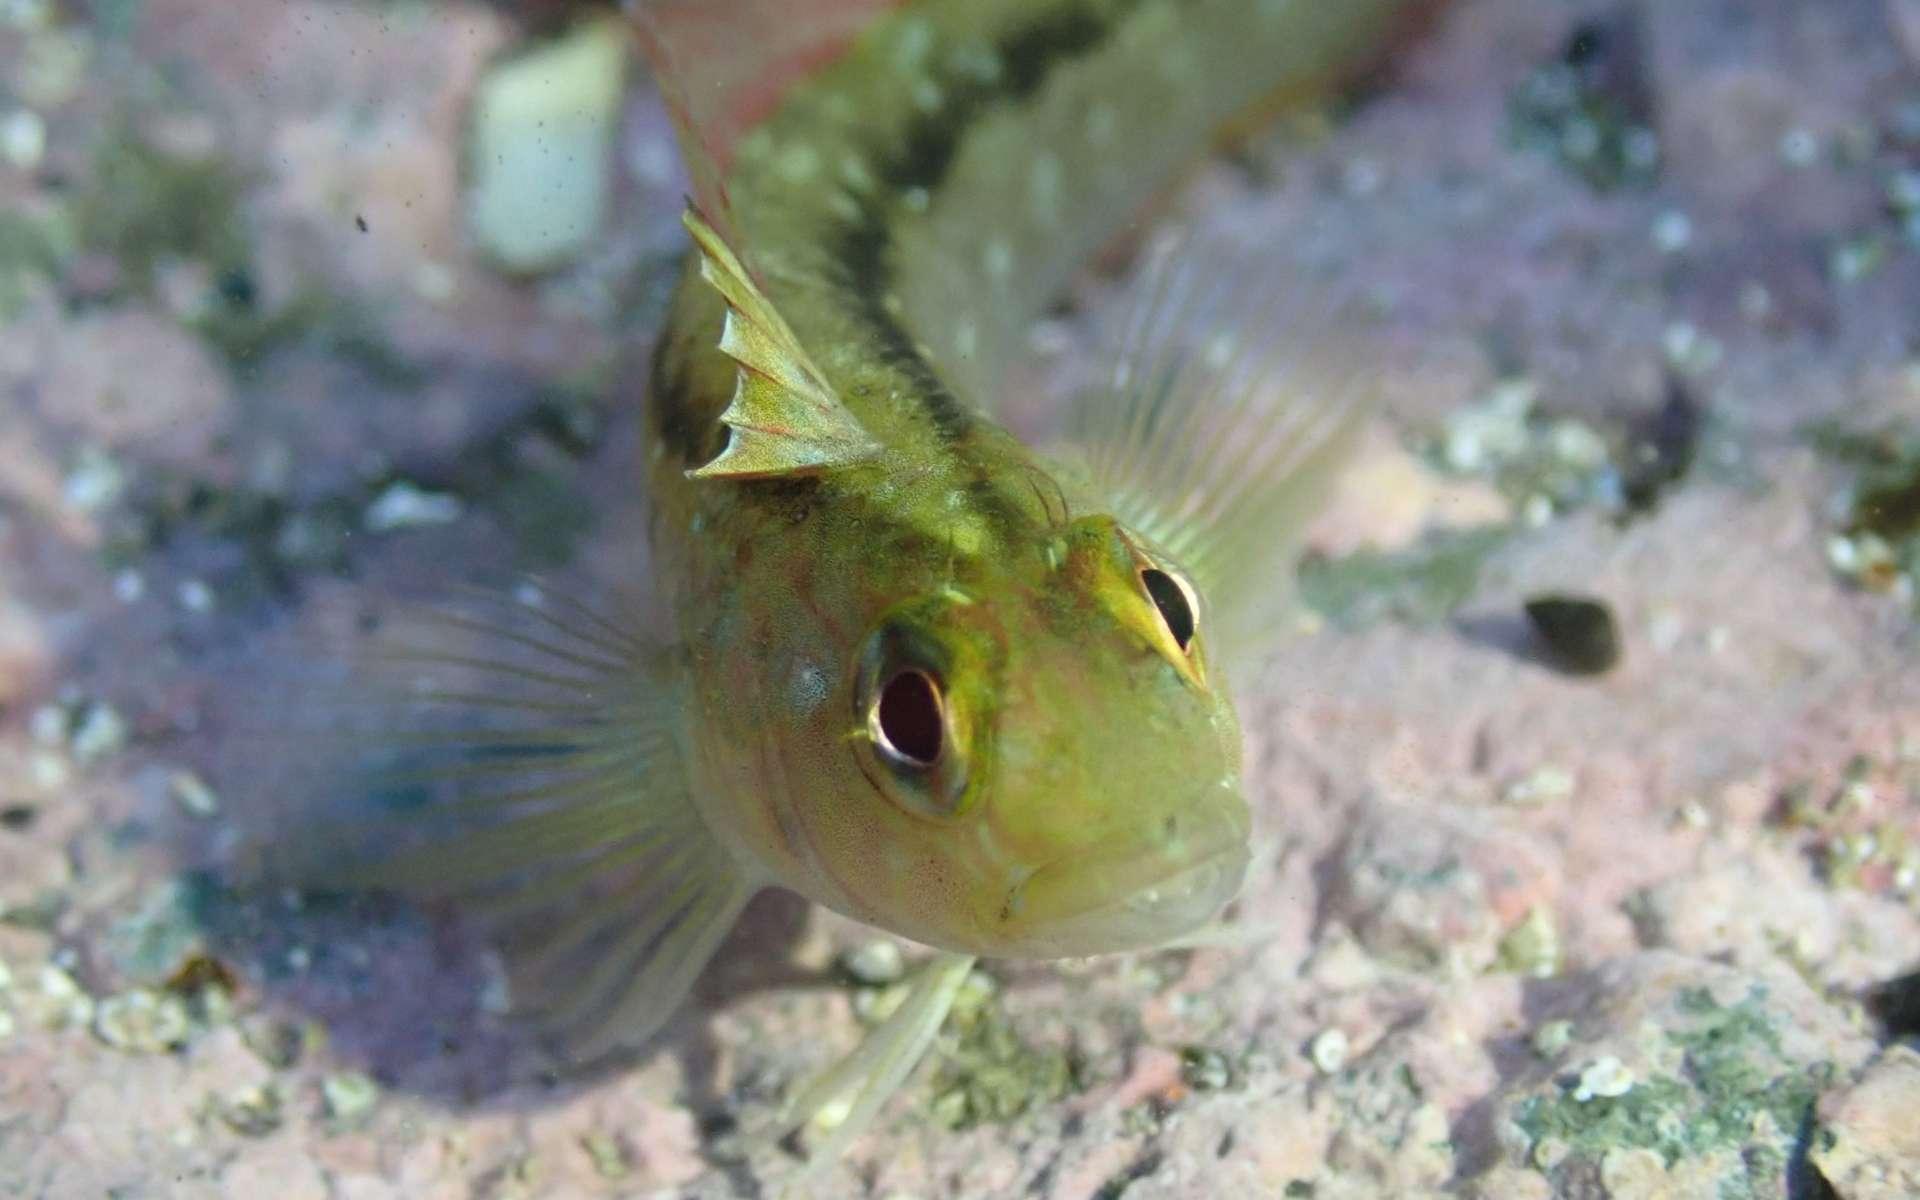 Le réchauffement climatique fait grossir les testicules des poissons - Futura